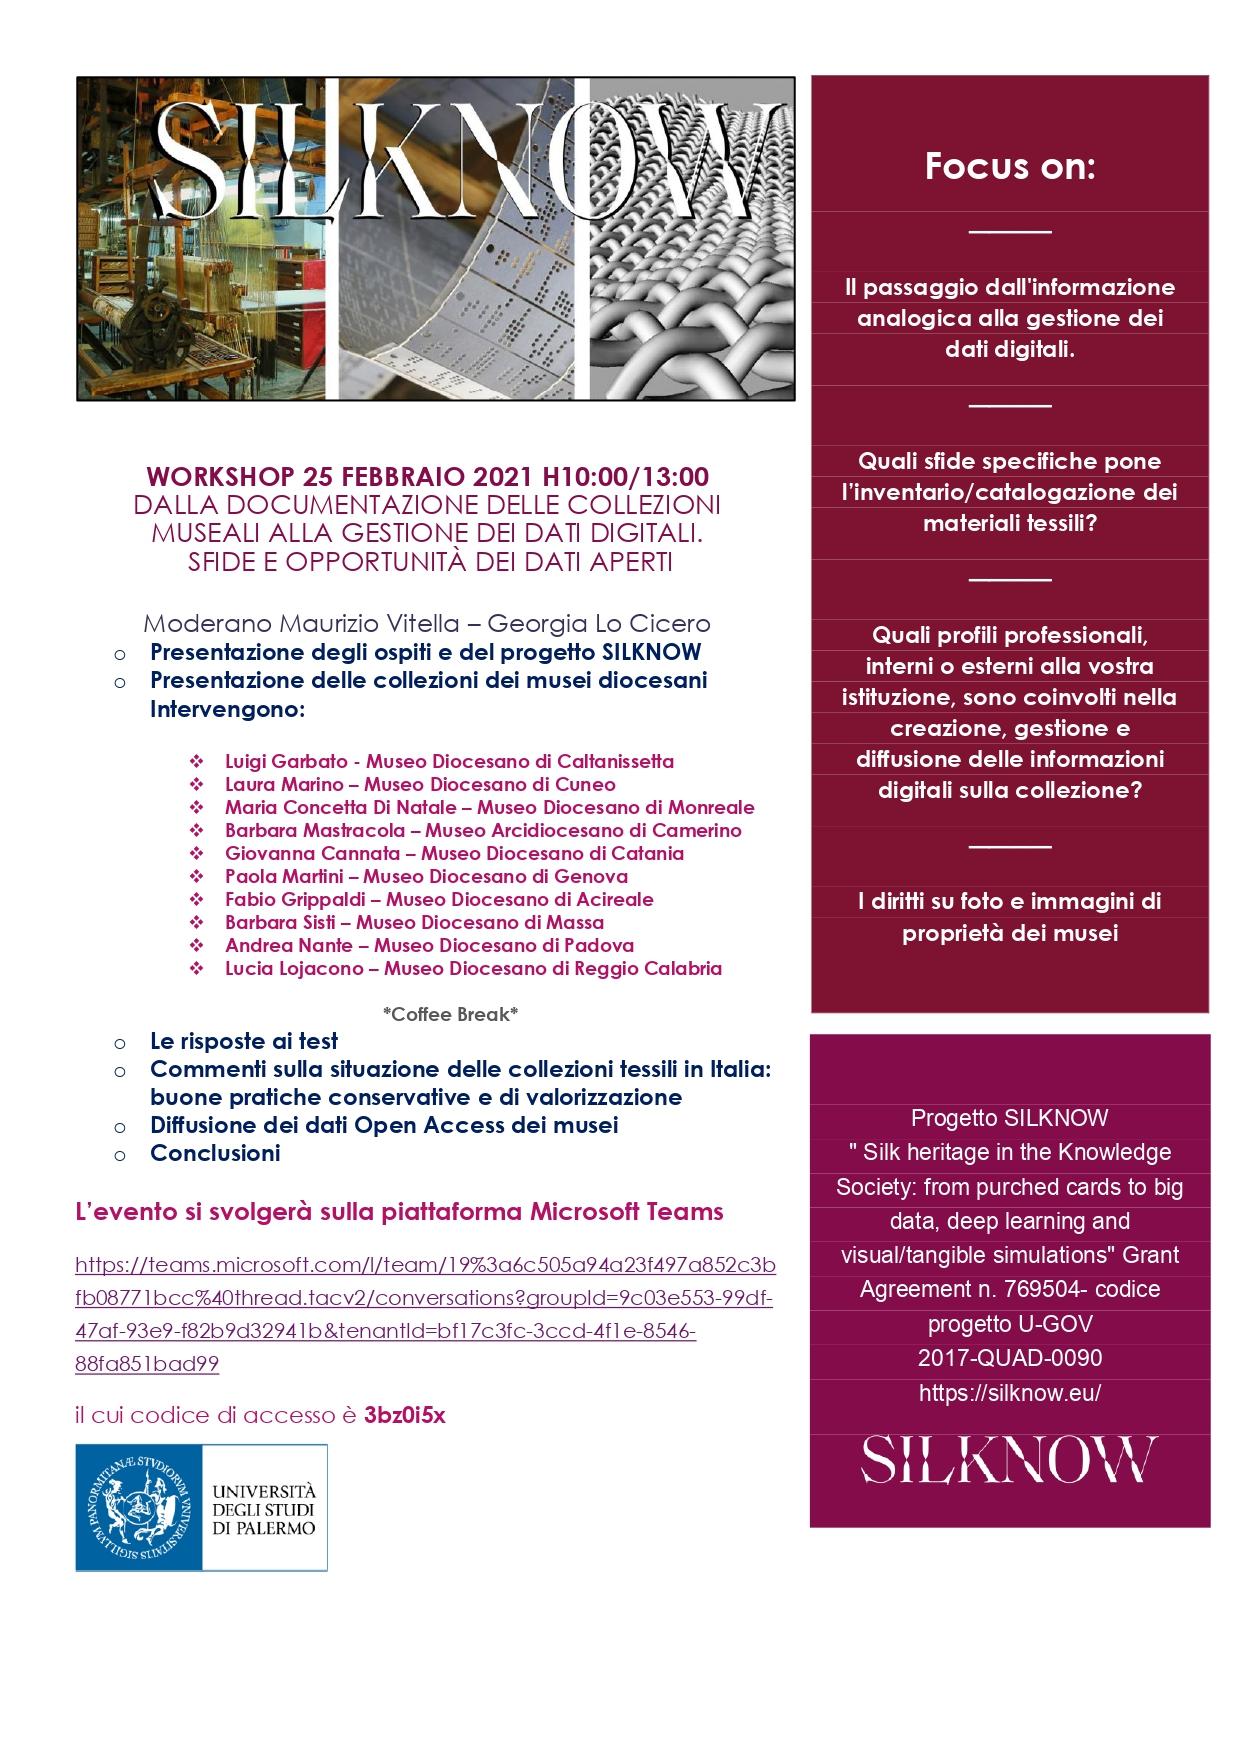 SilkNow Workshop 25 feb 2021